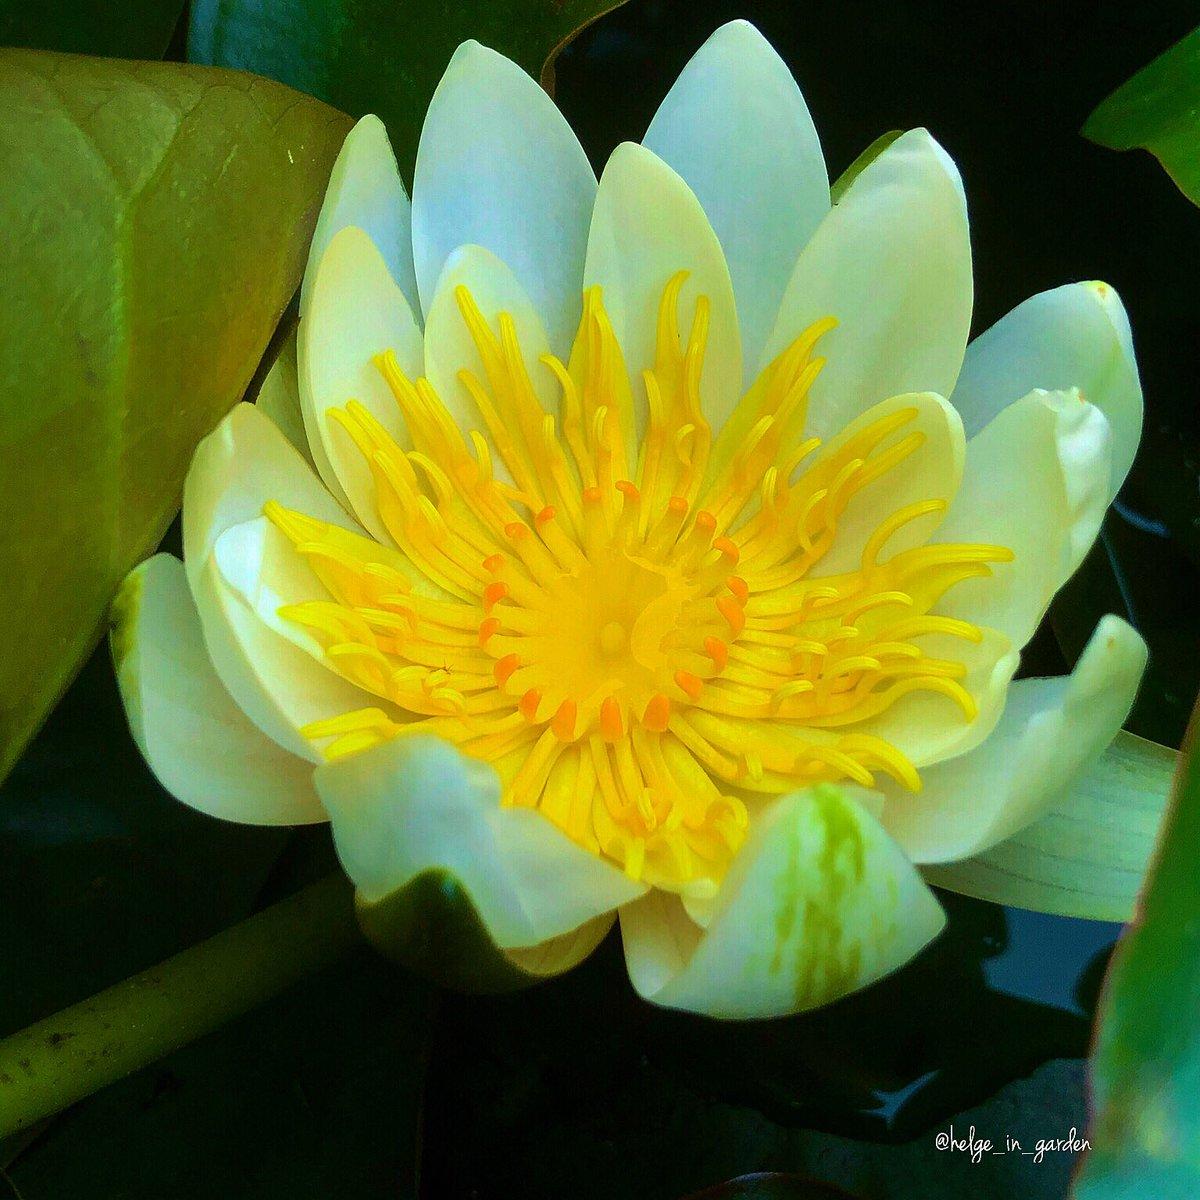 GardeninNorway on Twitter: Waterlily in a pond in our garden - June 20.                        #mygarden #flowers #gardeningtips #perennials #gardener #gardendesign #plants  #plantoftheweek #waterlily #botany #naturelovers #plantsarecool #flowersforall #gardens…